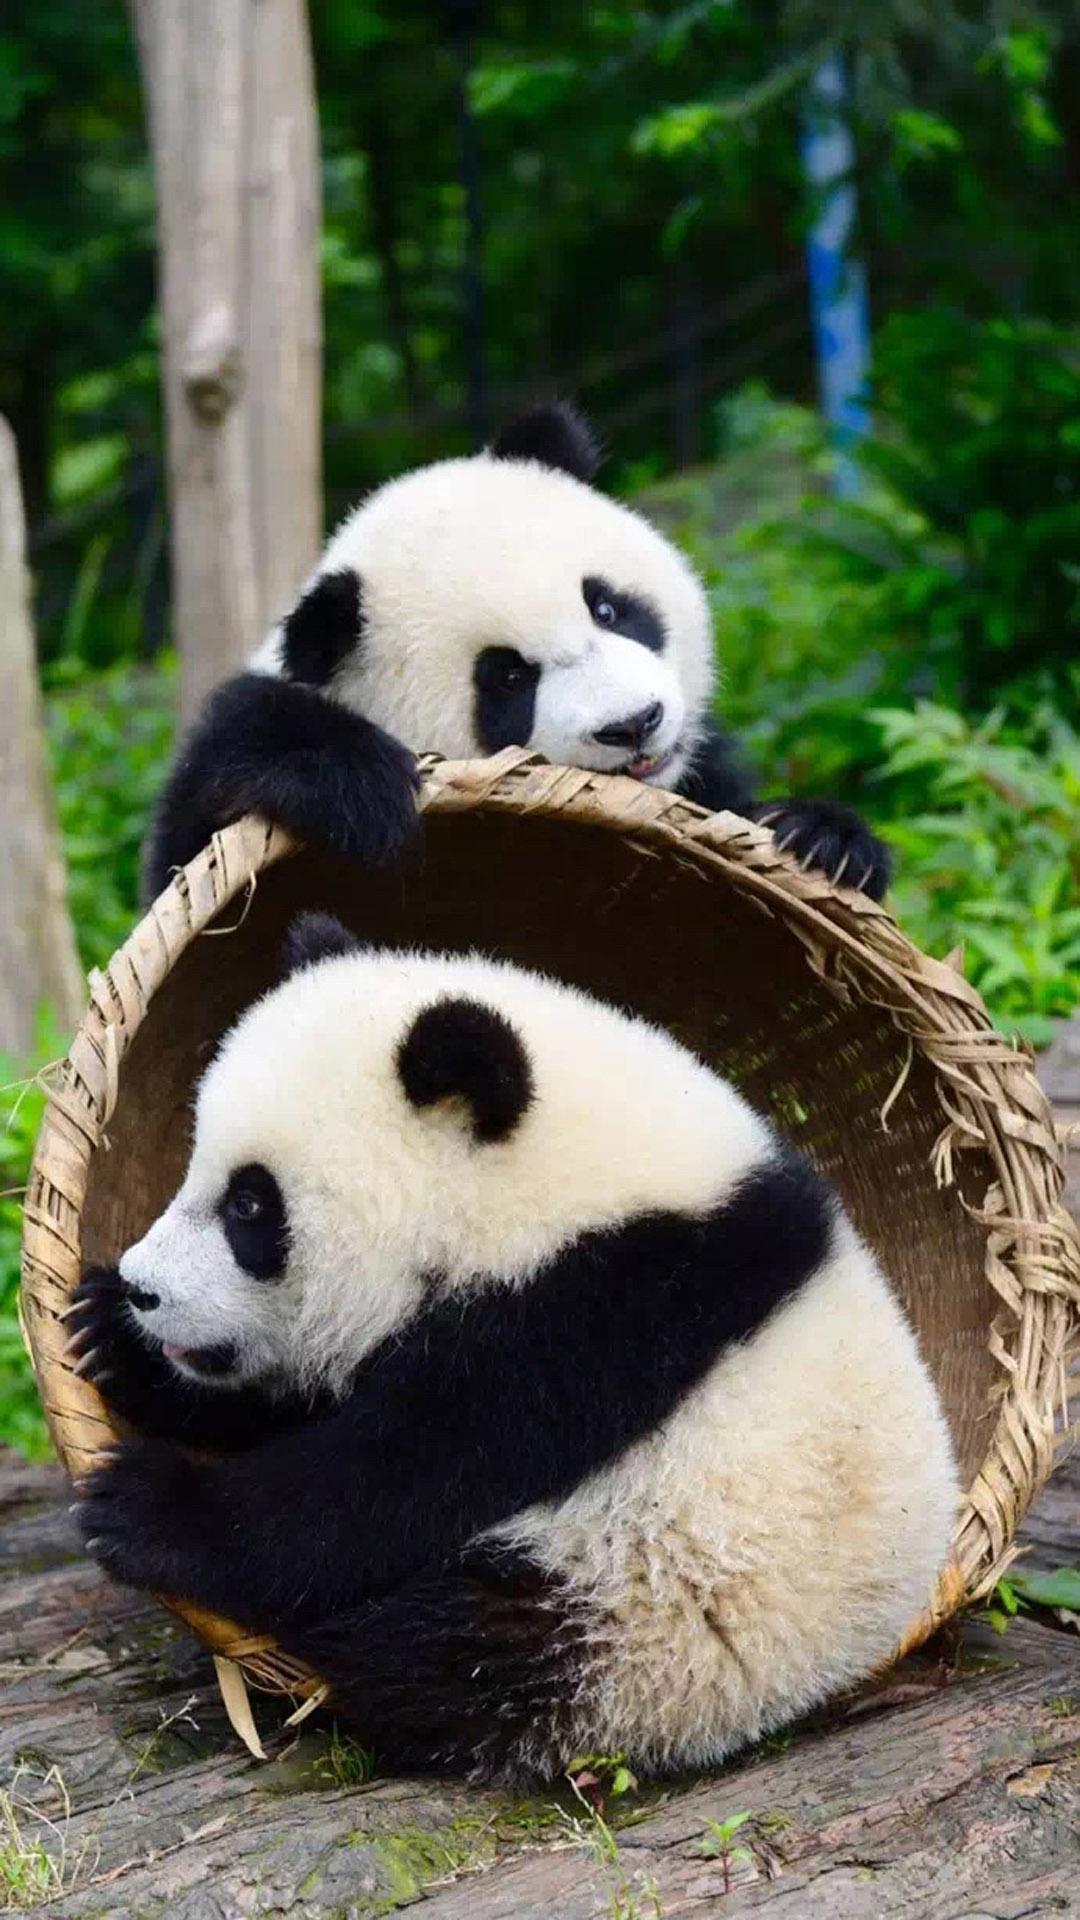 〔资源组|壁纸〕 1080*1920 熊猫手机壁纸